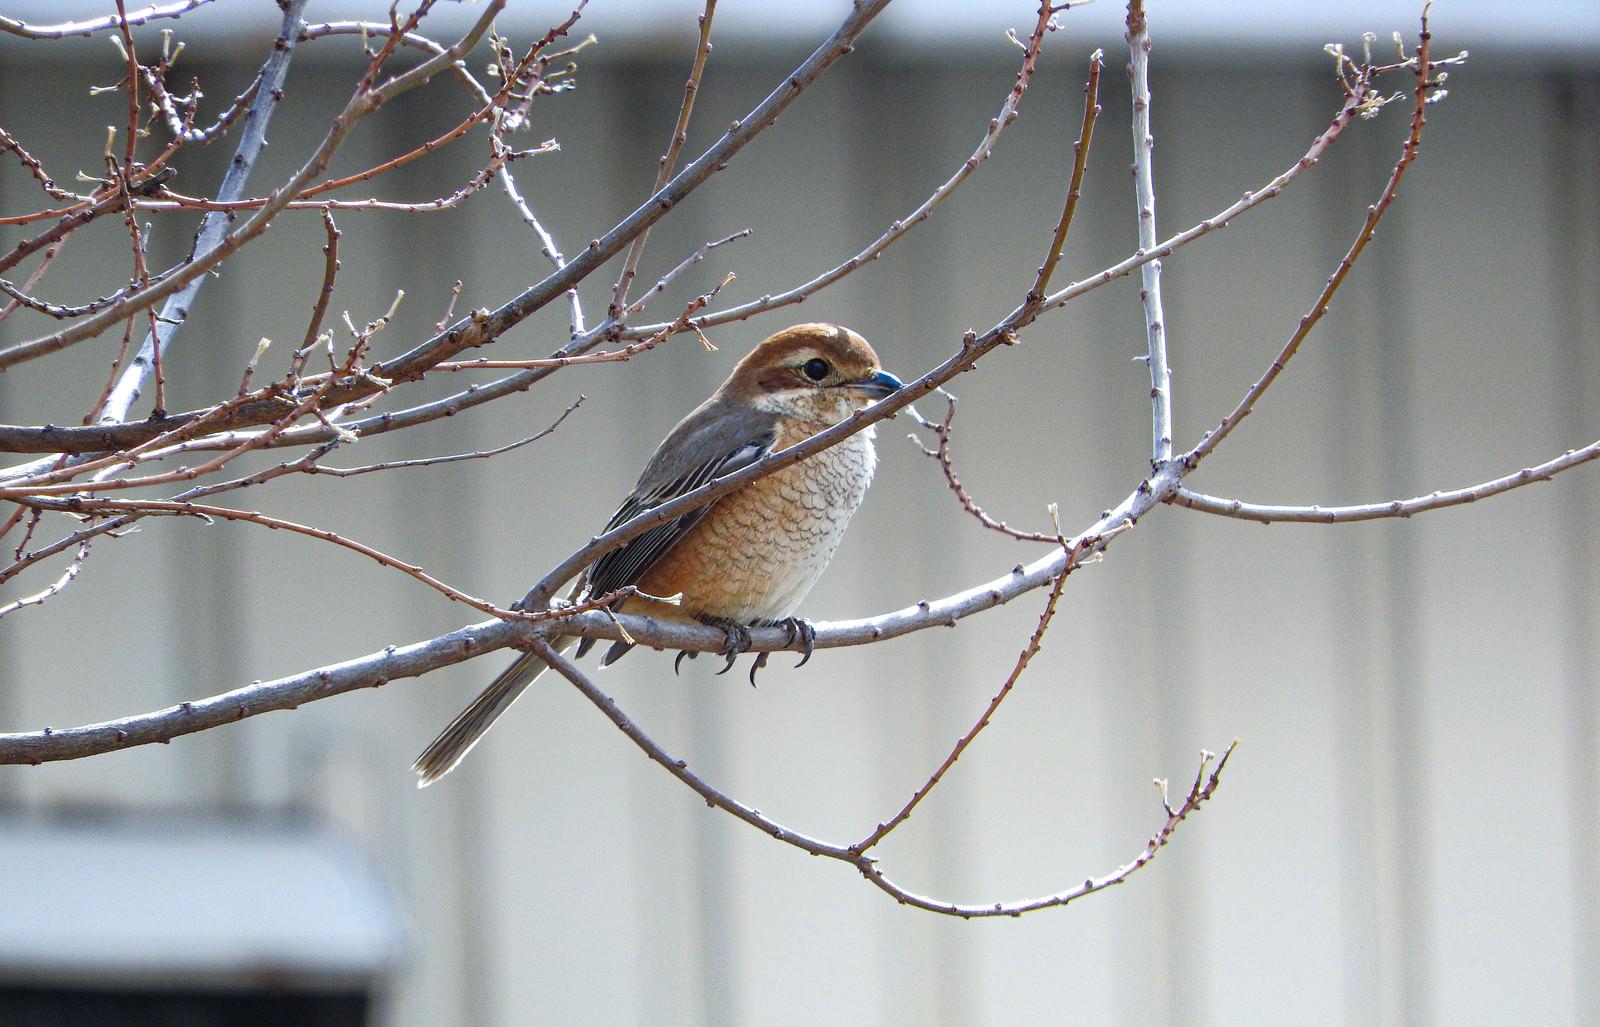 「枝に止まる小鳥(モズ)」の写真